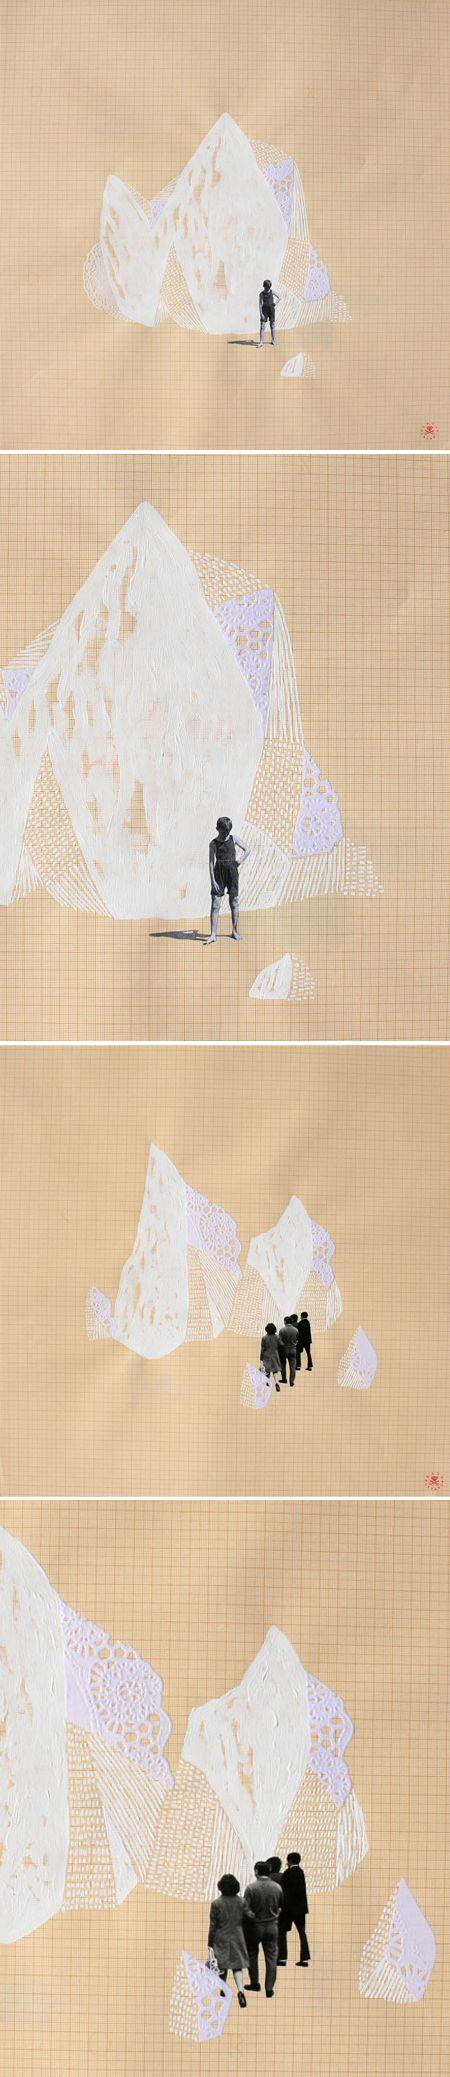 """Spanish artist Raúl Lázaro, """"insulario"""" series, collage"""